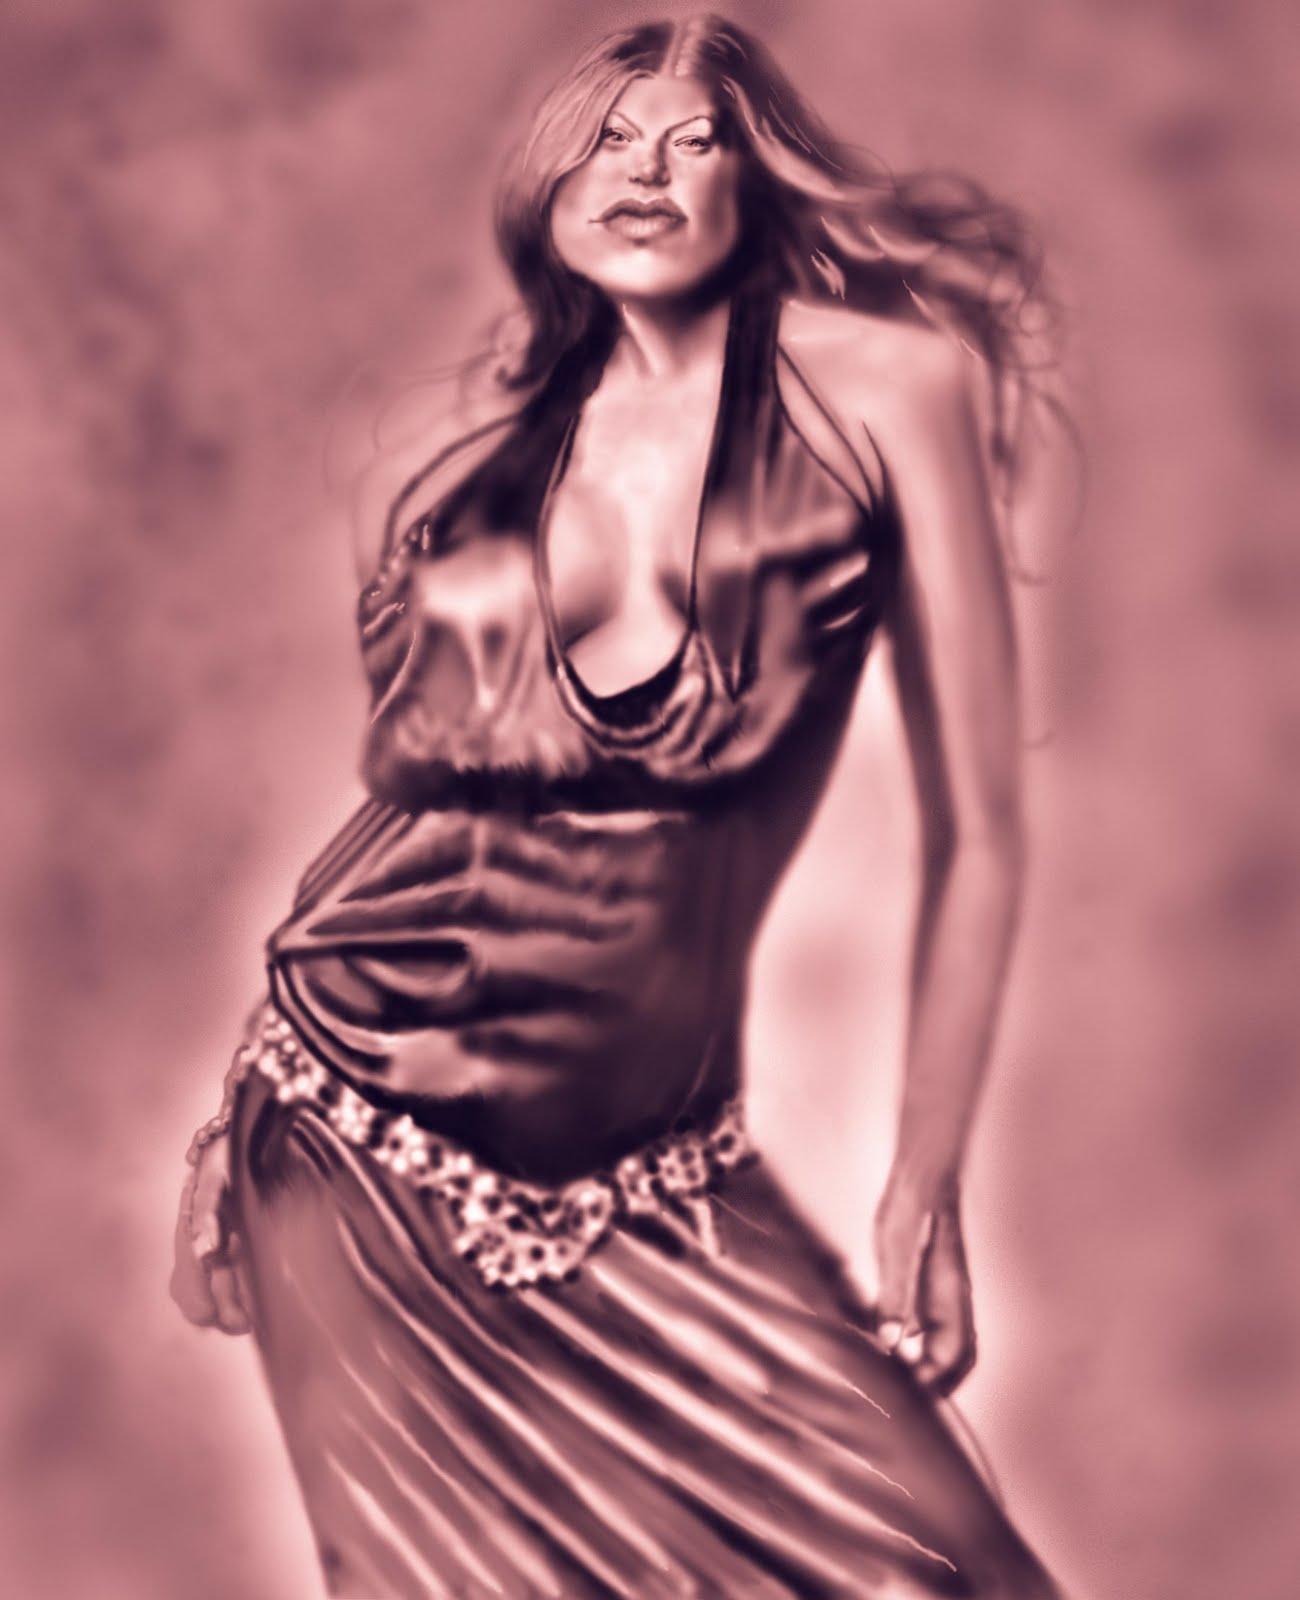 http://1.bp.blogspot.com/_aexJcB7HQ6M/TOLX52u1D4I/AAAAAAAAALk/LqHPtb8WCY8/s1600/Fergie_web.jpg